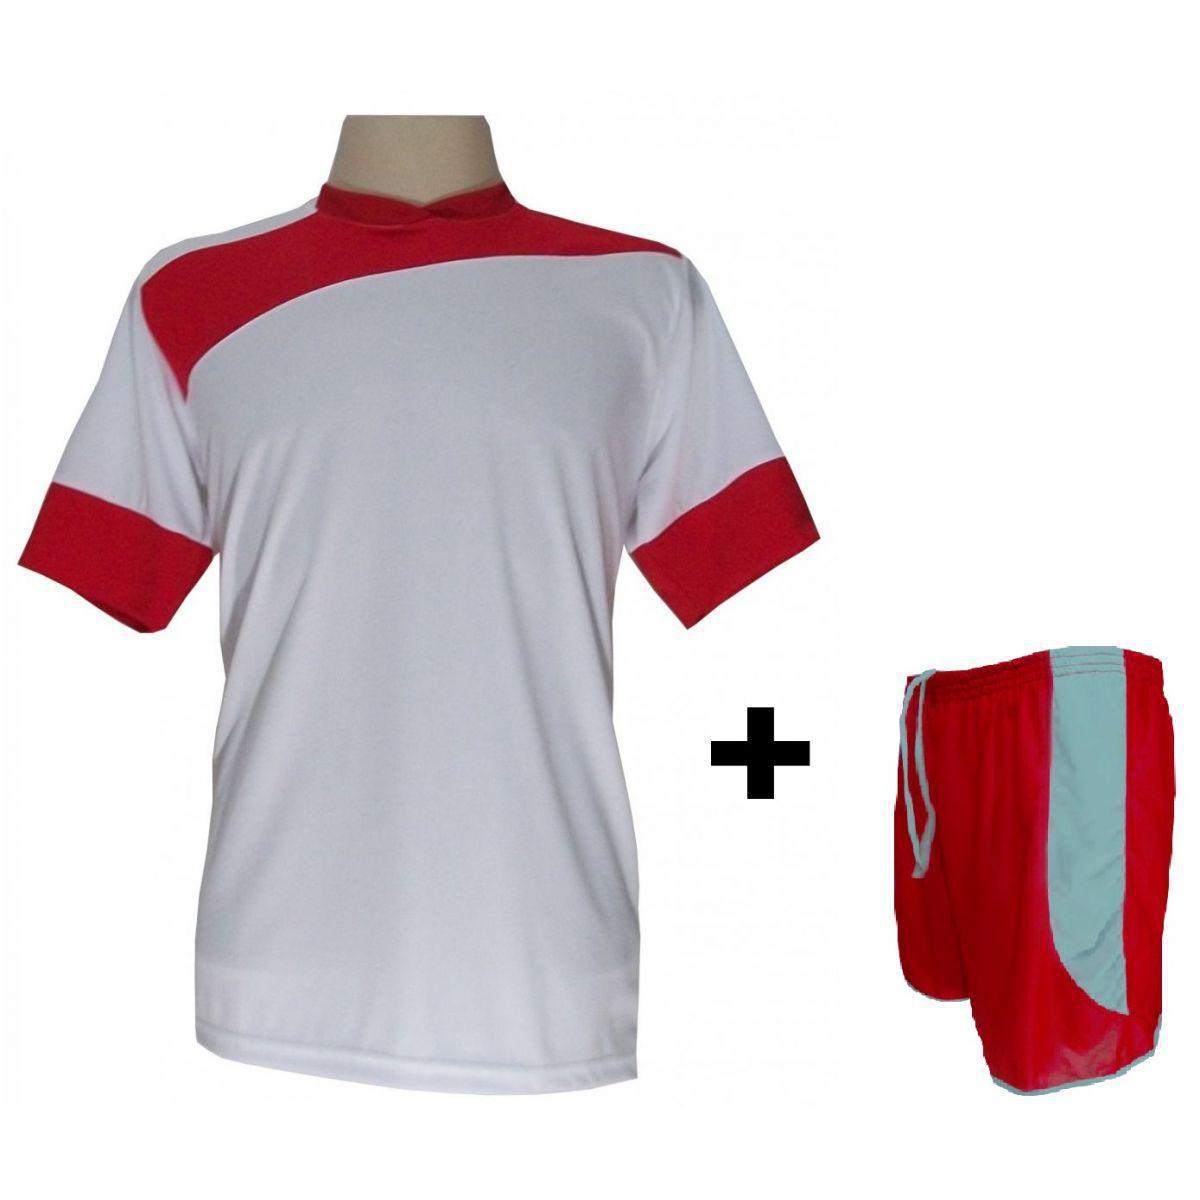 79929de00b Uniforme Esportivo com 14 camisas modelo Sporting Branco Vermelho + 14  calções modelo Copa + 1 Goleiro + Brindes - Gazza - Futebol - Magazine Luiza